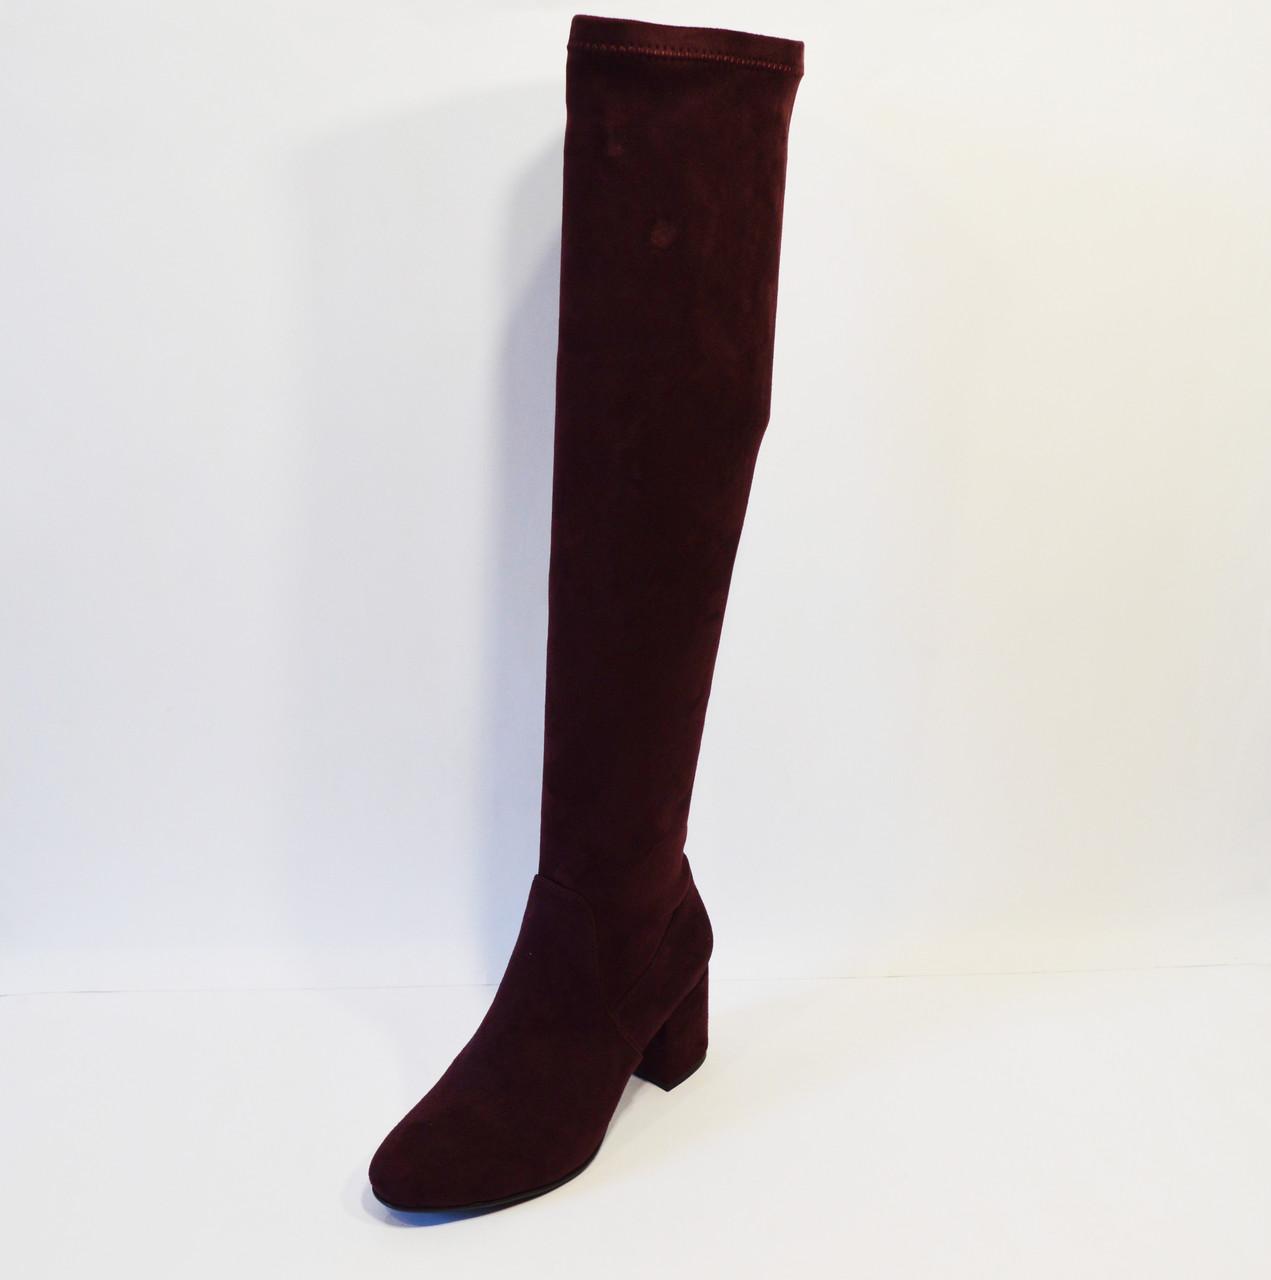 Сапог-чулок женский бордовый Magnolya